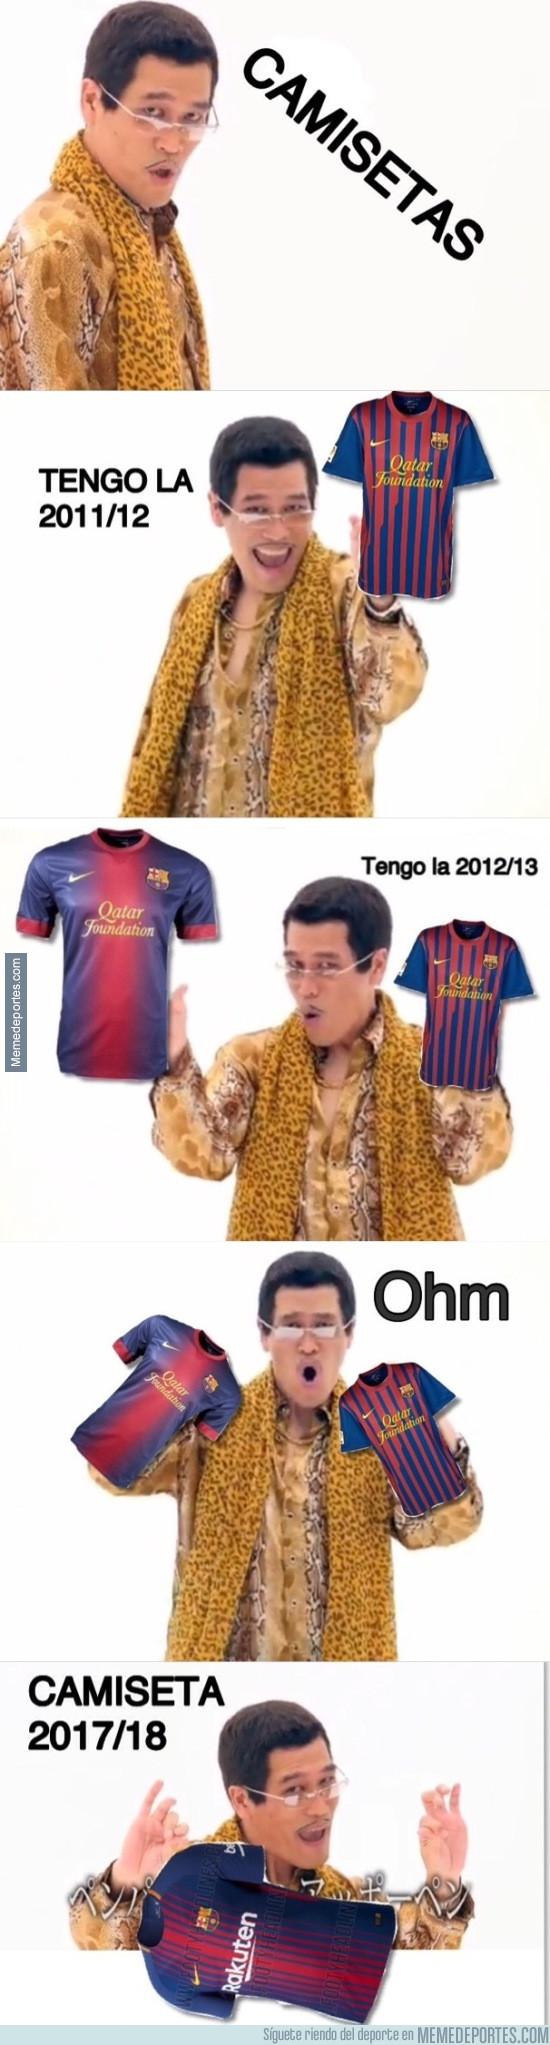 978742 - Explicación del proceso creativo de Nike creando la camiseta del Barça 2017/18